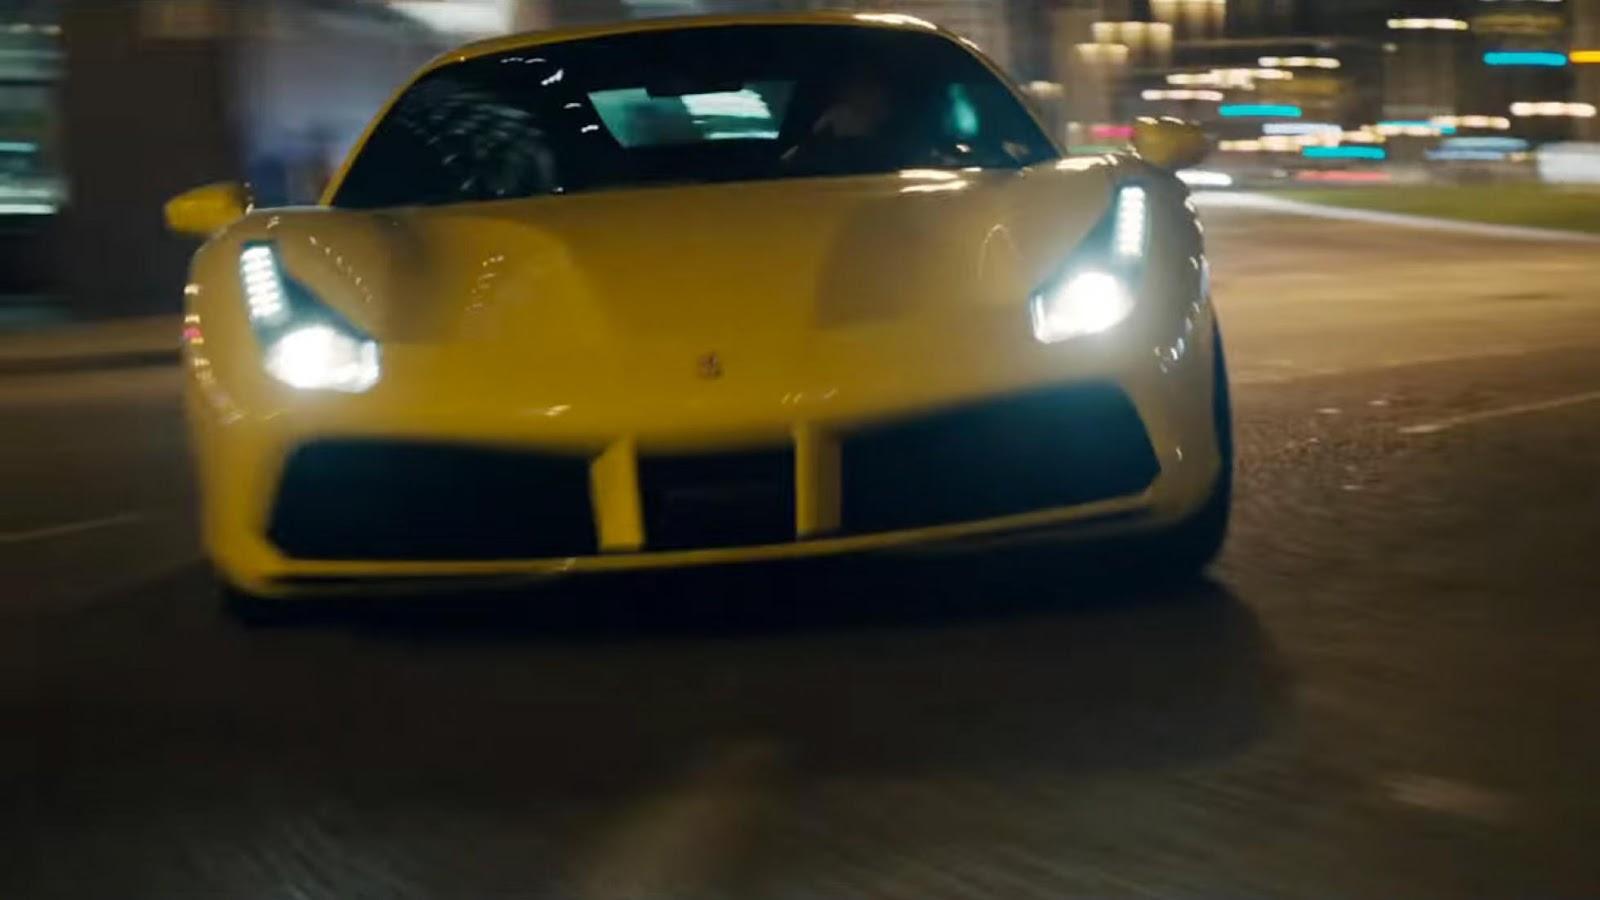 Ferrari 488 GTB bạn đang xem là bản độ siêu mạnh & siêu tốc độ